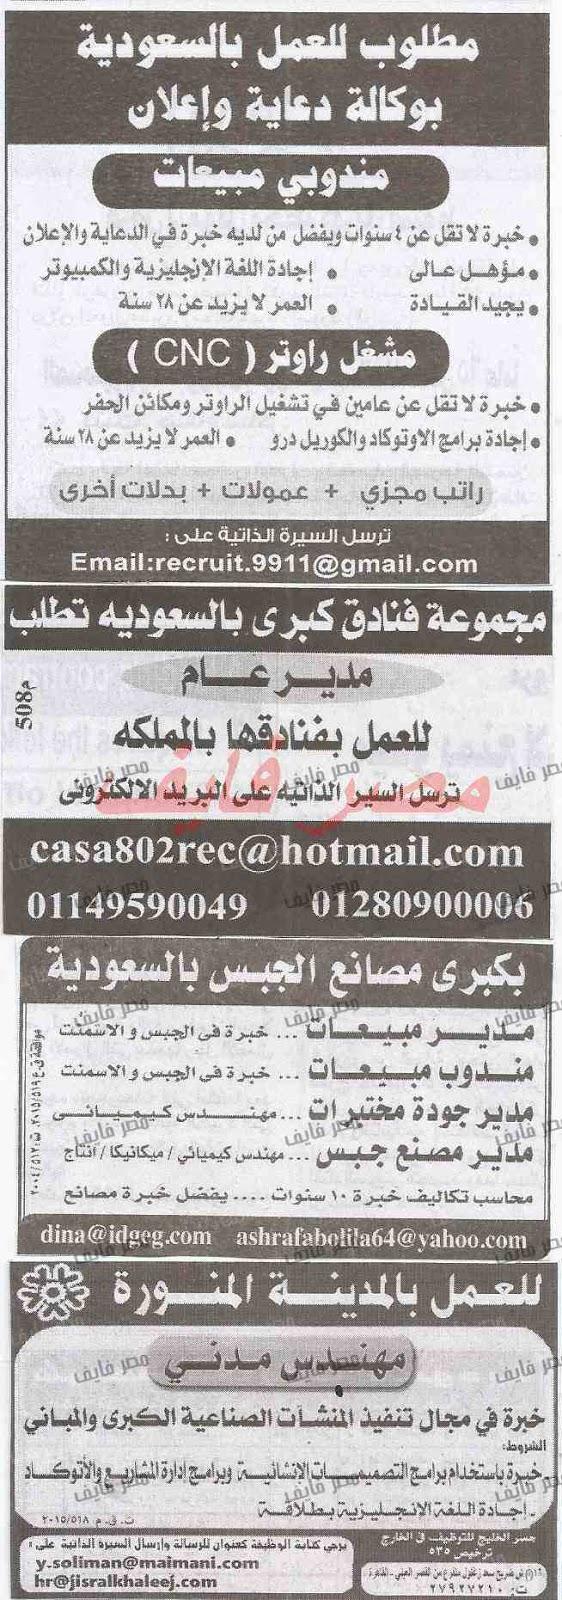 وظائف خالية من جريدة الاهرام اليوم السبت 1-8-2015